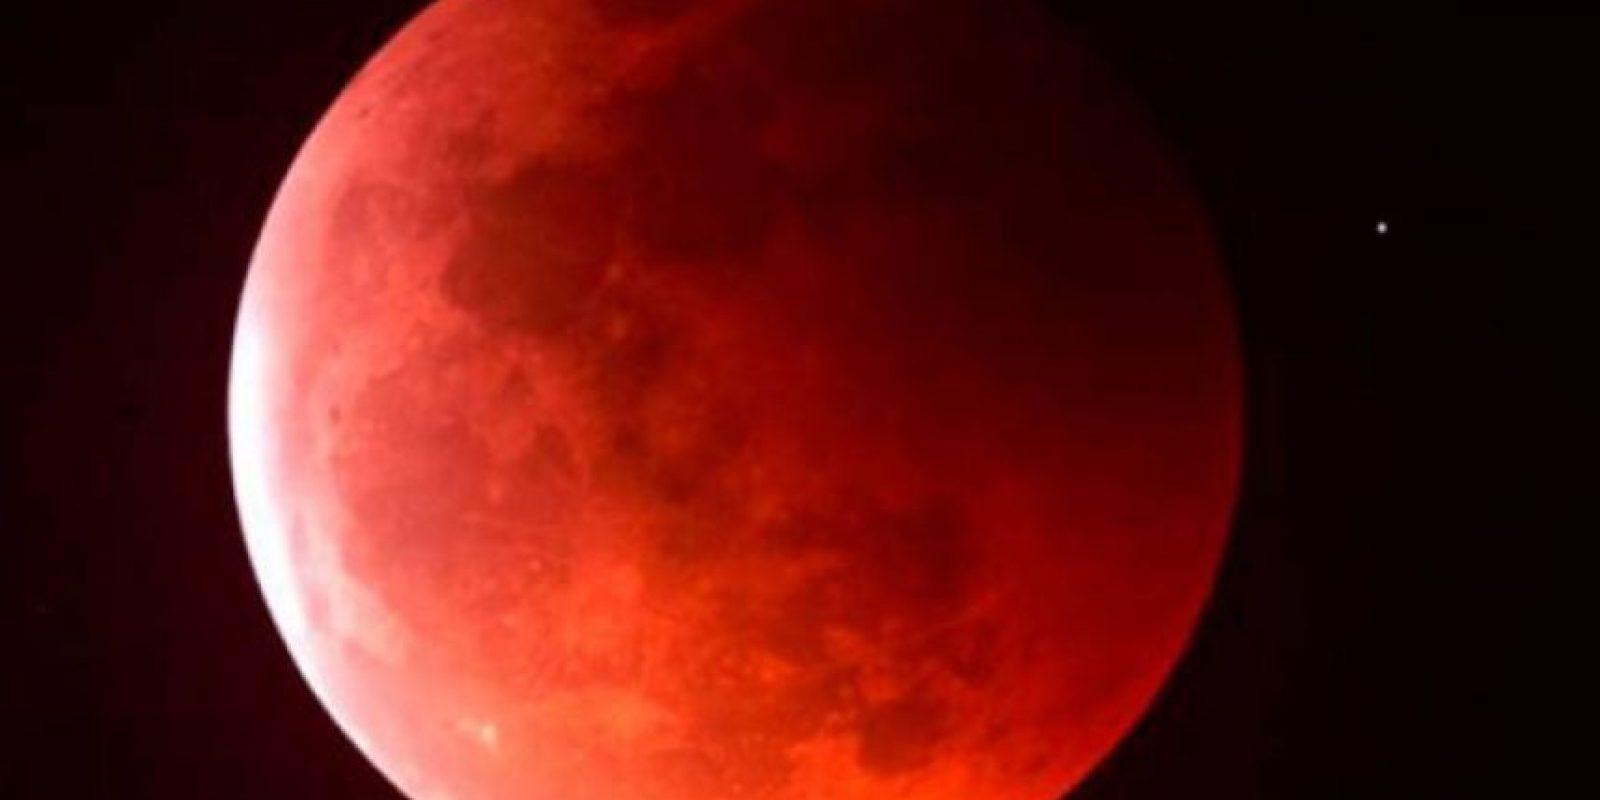 """Dice la Biblia: """"El sol se convertirá en tinieblas, y la luna en sangre, antes que venga el día del SEÑOR, grande y terrible"""", – Joel 2:31 – """"El sol se tornará en tinieblas; y la luna en sangre; antes que venga el día del Señor; grande y memorable"""", – Hechos 2:20 -. Foto:vía Tumblr"""